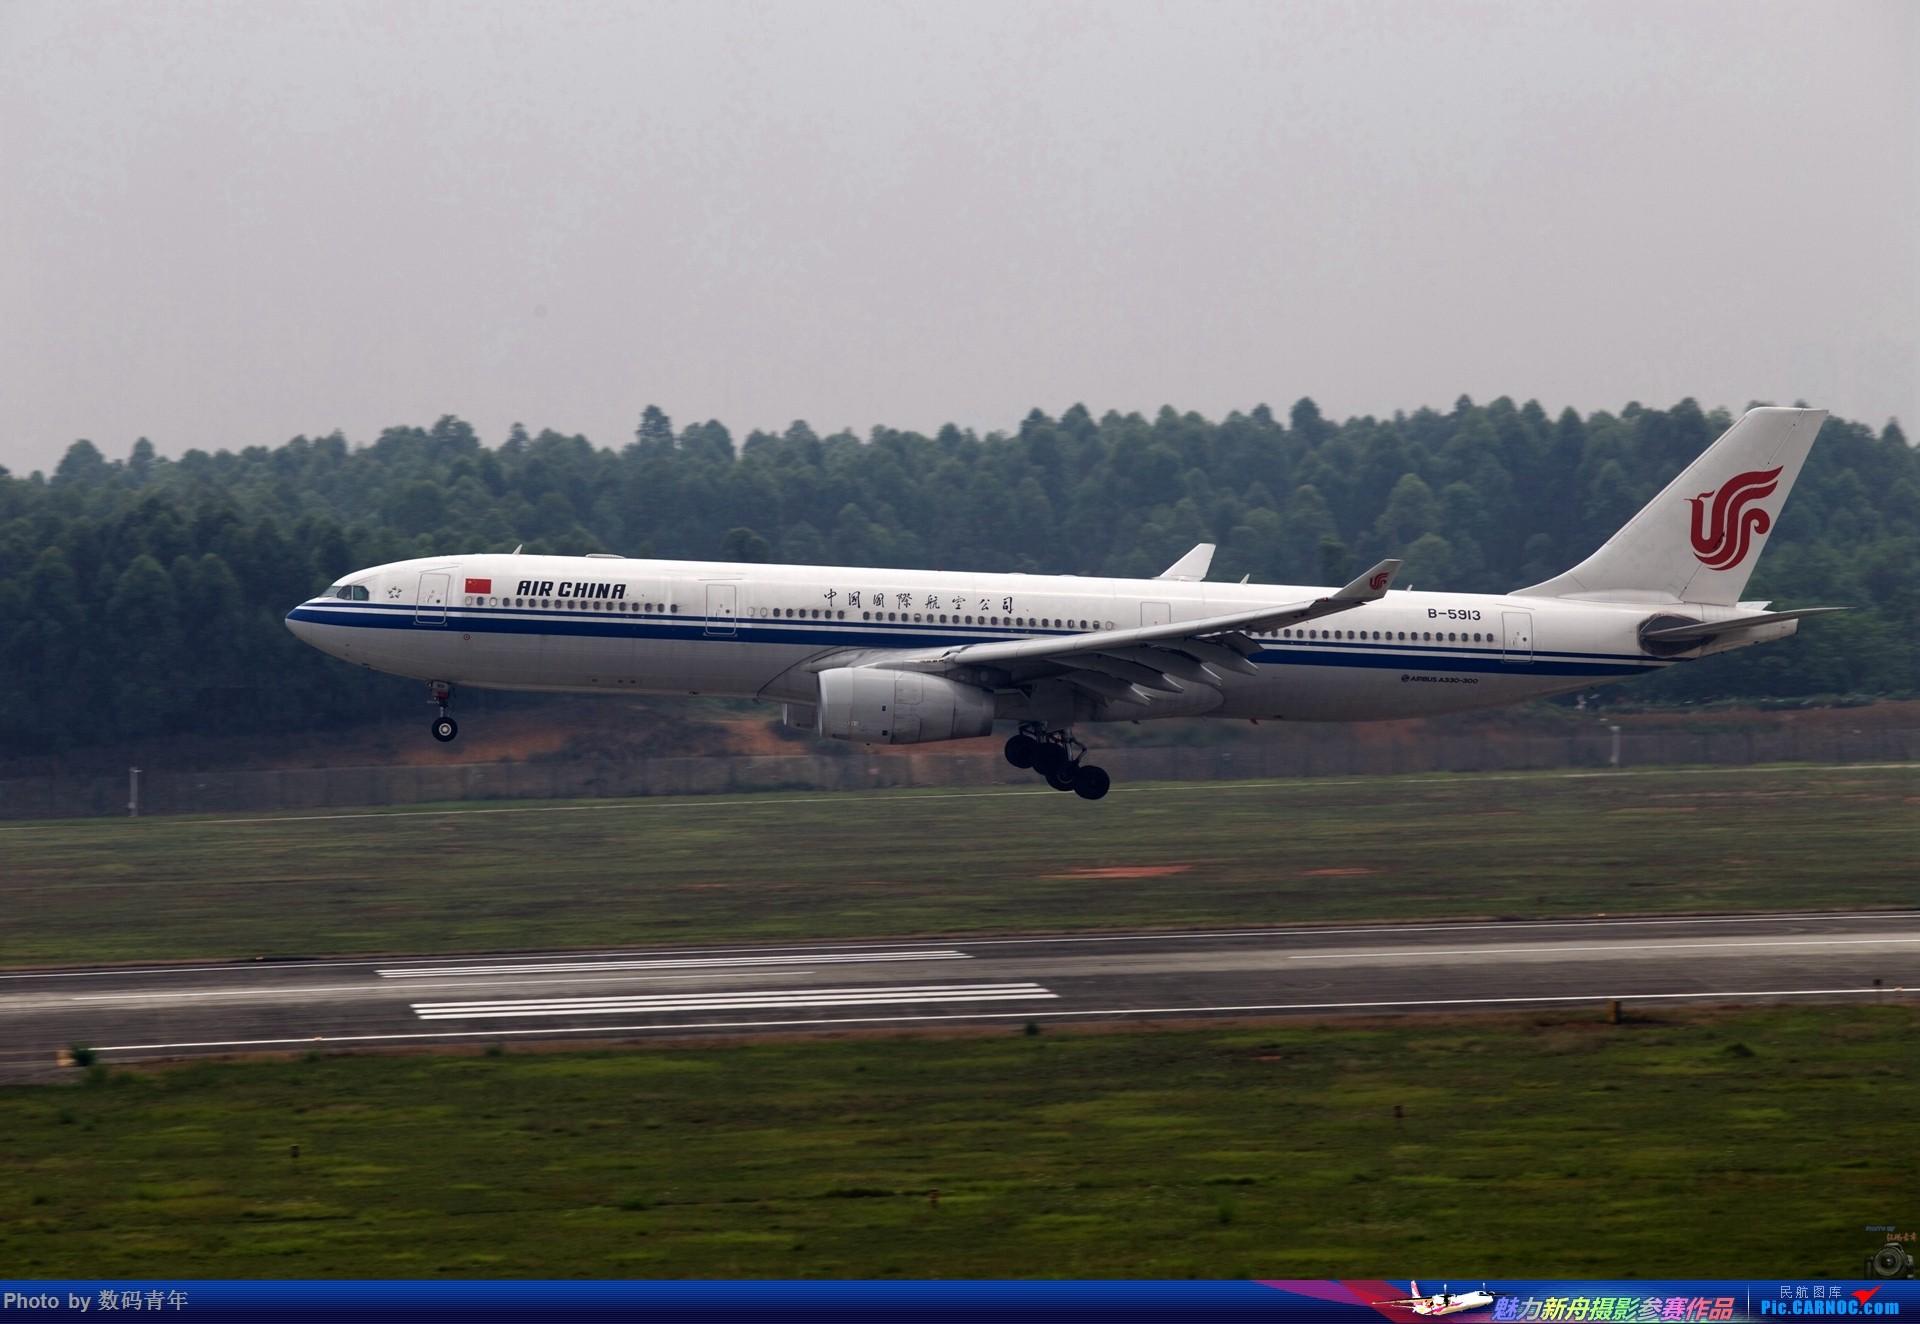 Re:[原创]重出江湖【CTU】2015.5.17打飞机 AIRBUS A330-300 B-5913 中国成都双流国际机场